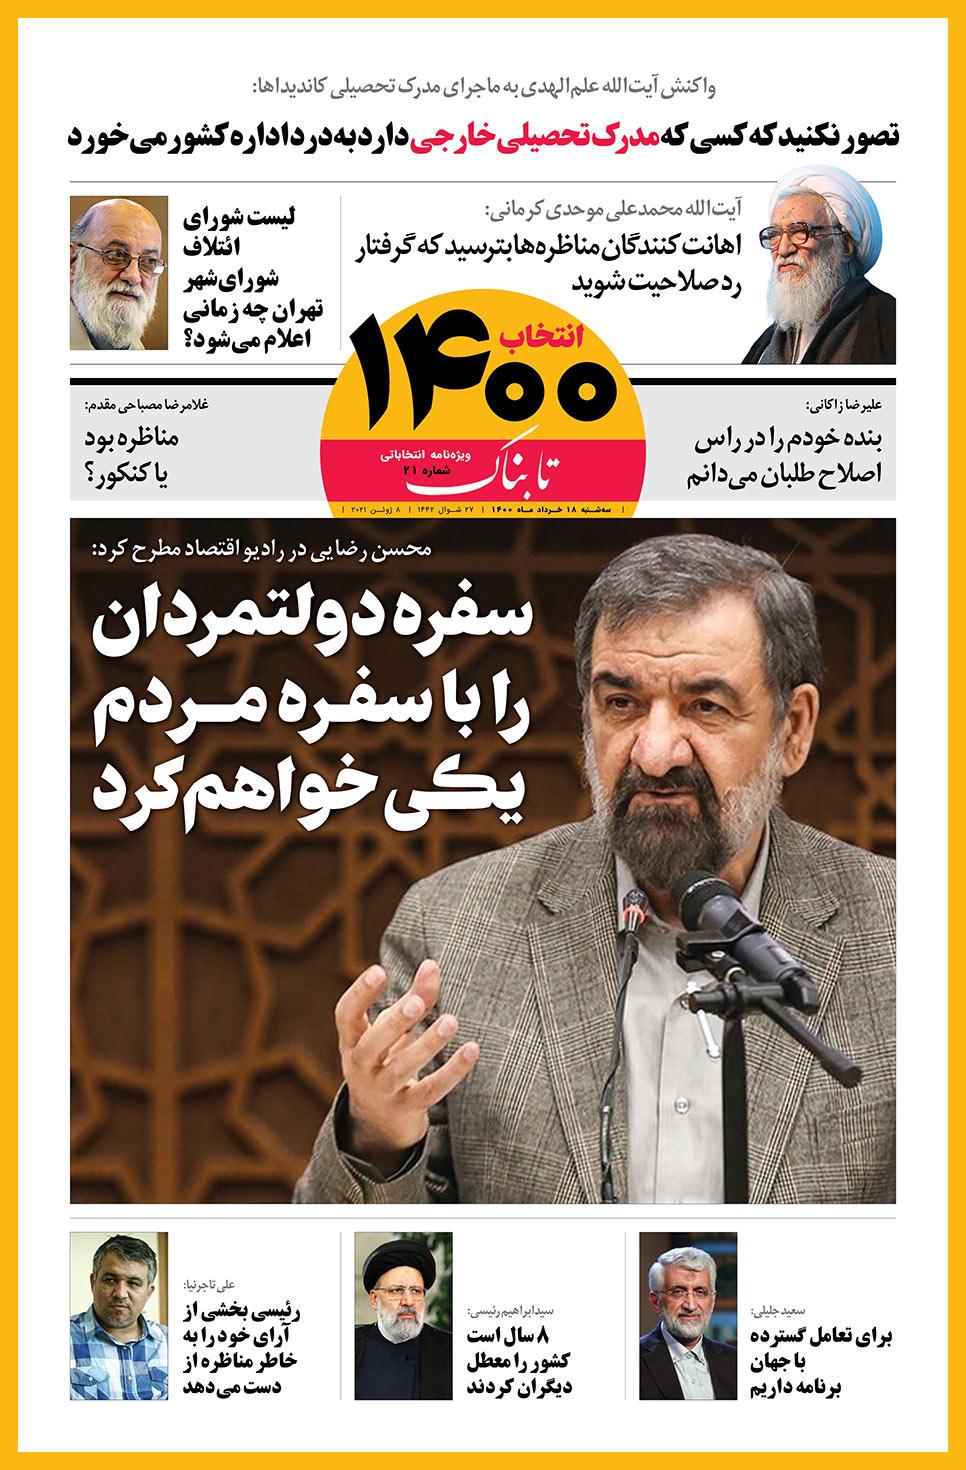 صفحه نخست ویژهنامه انتخاباتی تابناک ـ سهشنبه ۱۸ خرداد ۱۴۰۰